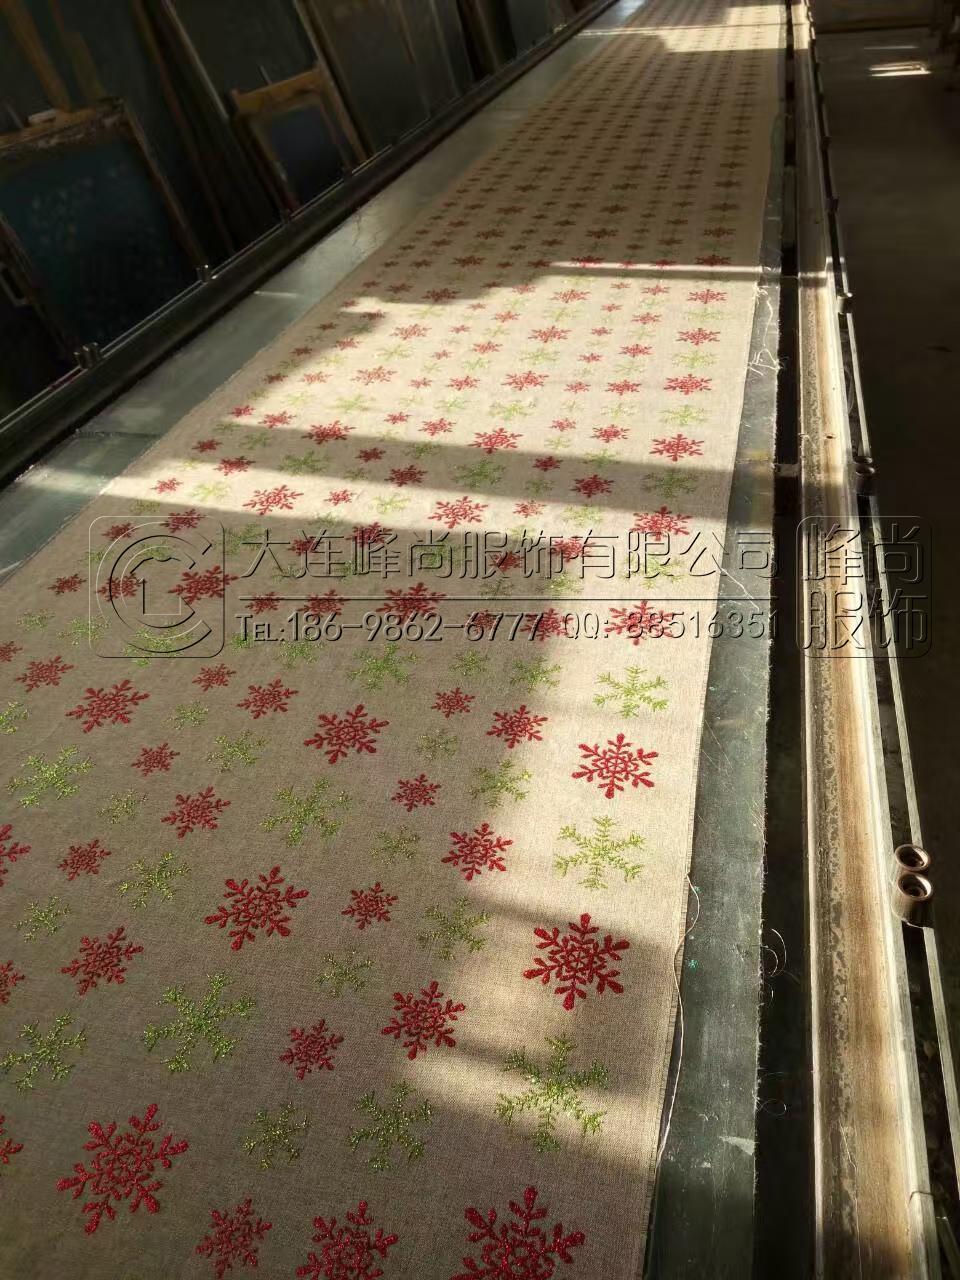 丝网印 胶印 水浆胶浆 厚板 大连印花厂 大连服装印刷厂